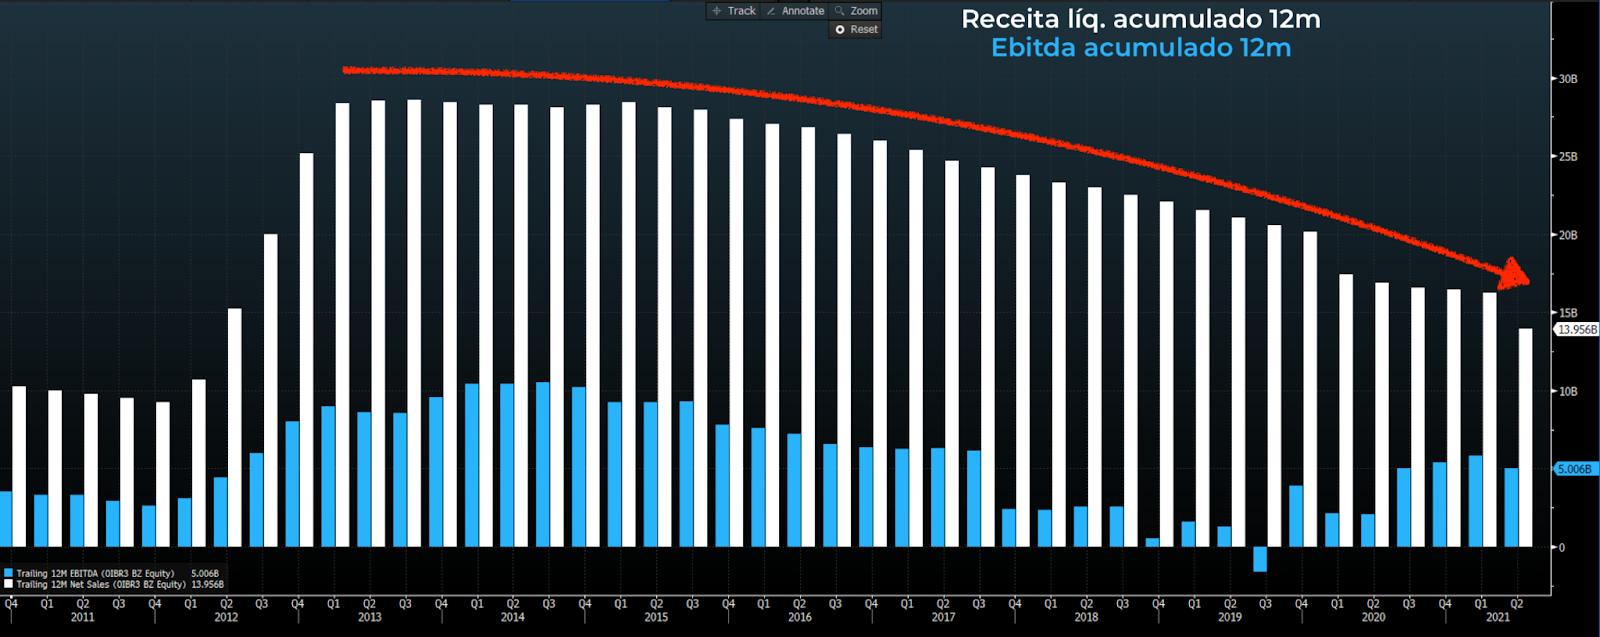 Gráfico apresenta Receita líquida (coluna branca) e Ebitda (coluna azul) acumulado 12 meses.